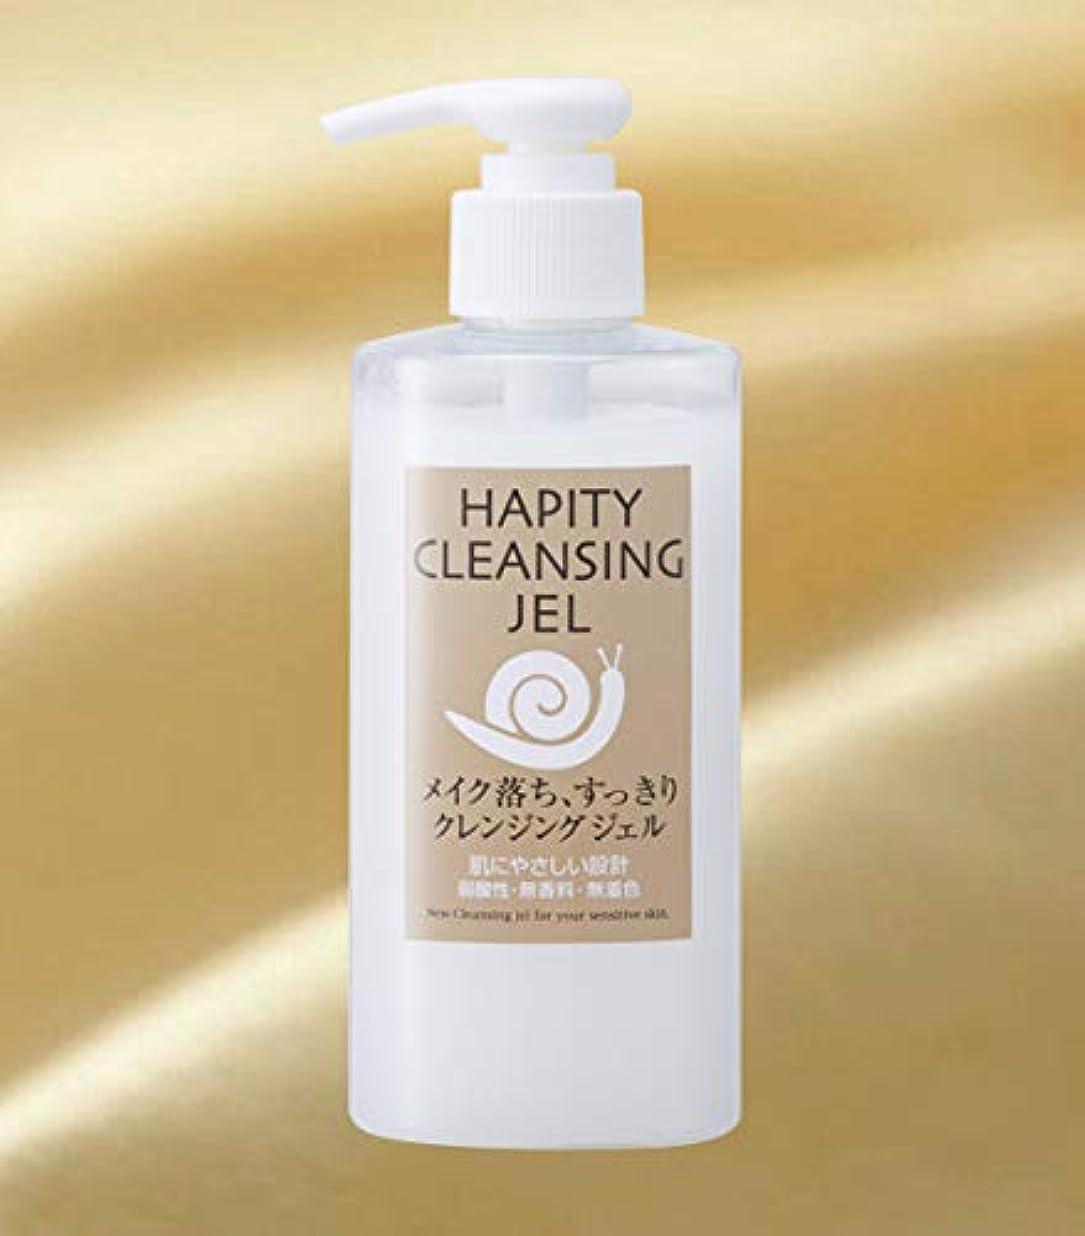 手数料急流命令的ハピティ クレンジングジェル (200g) Hapity Cleansing Jel